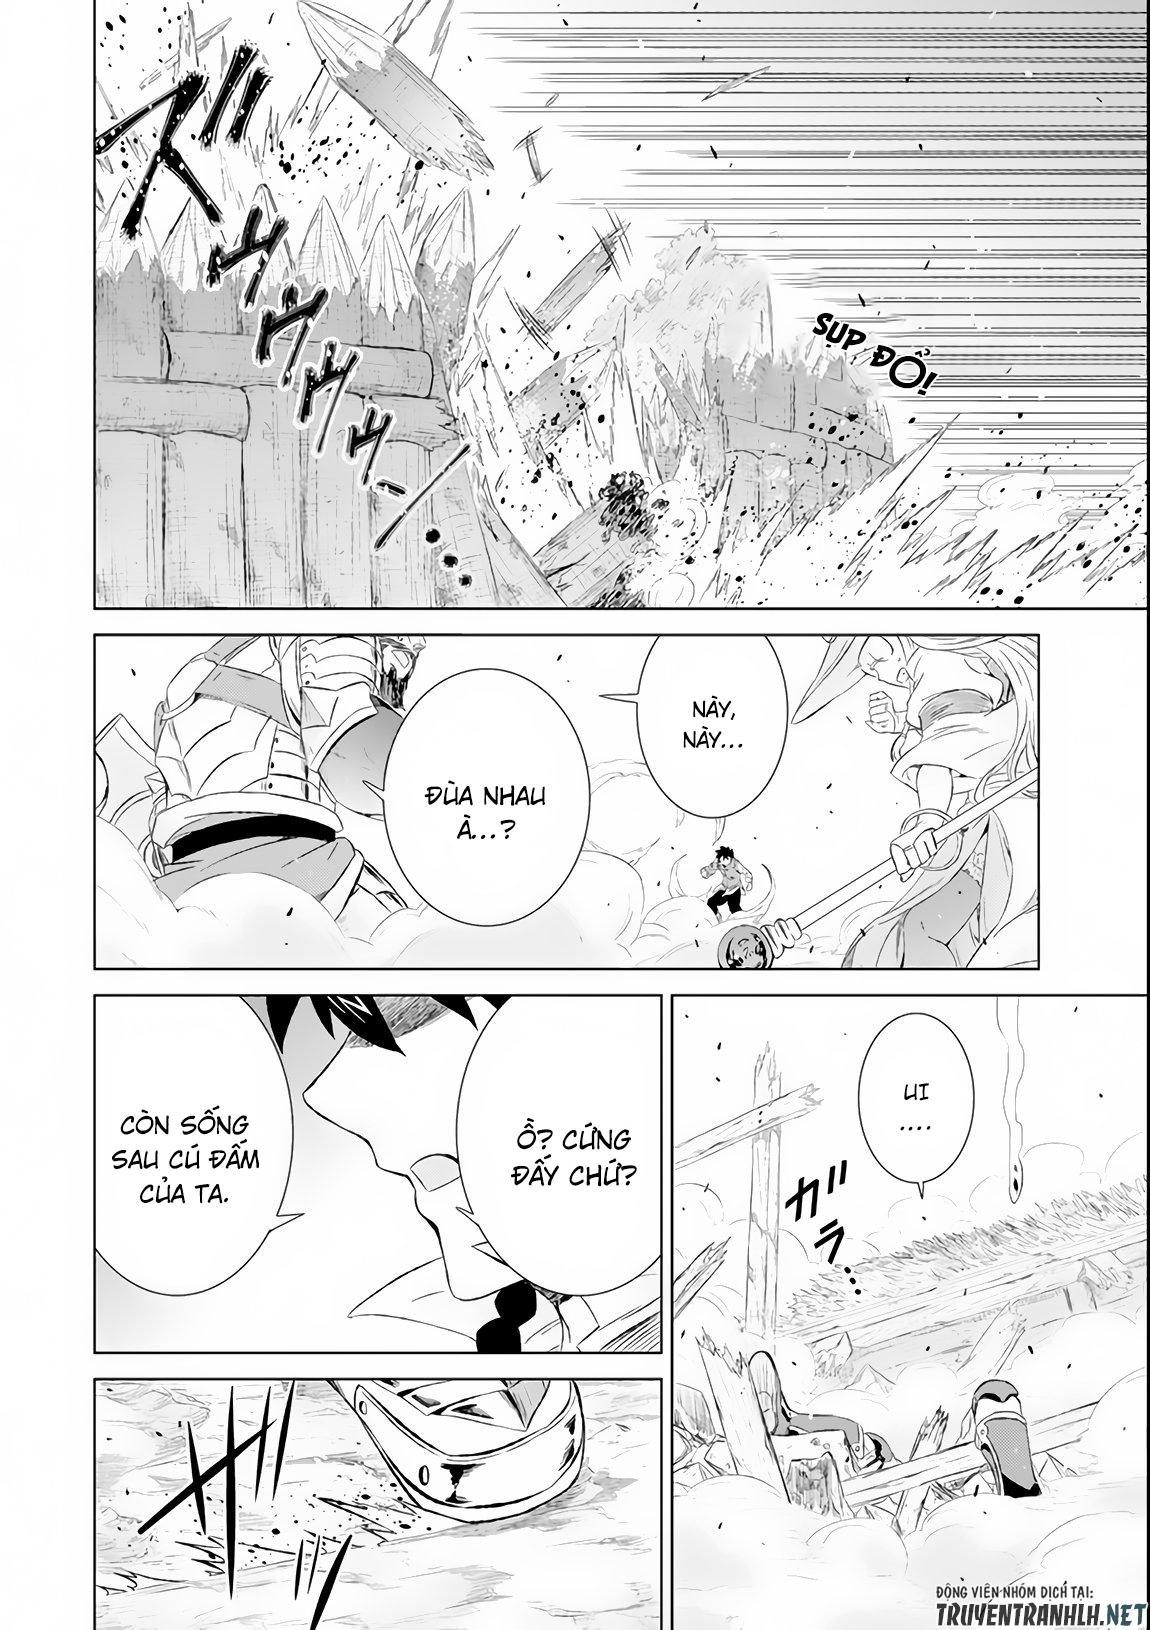 Sekai de tadahitori no mamono tsukai ~ Tenshoku shitara maou ni machigawa remashita Chương 8 - truyentranhlh.net